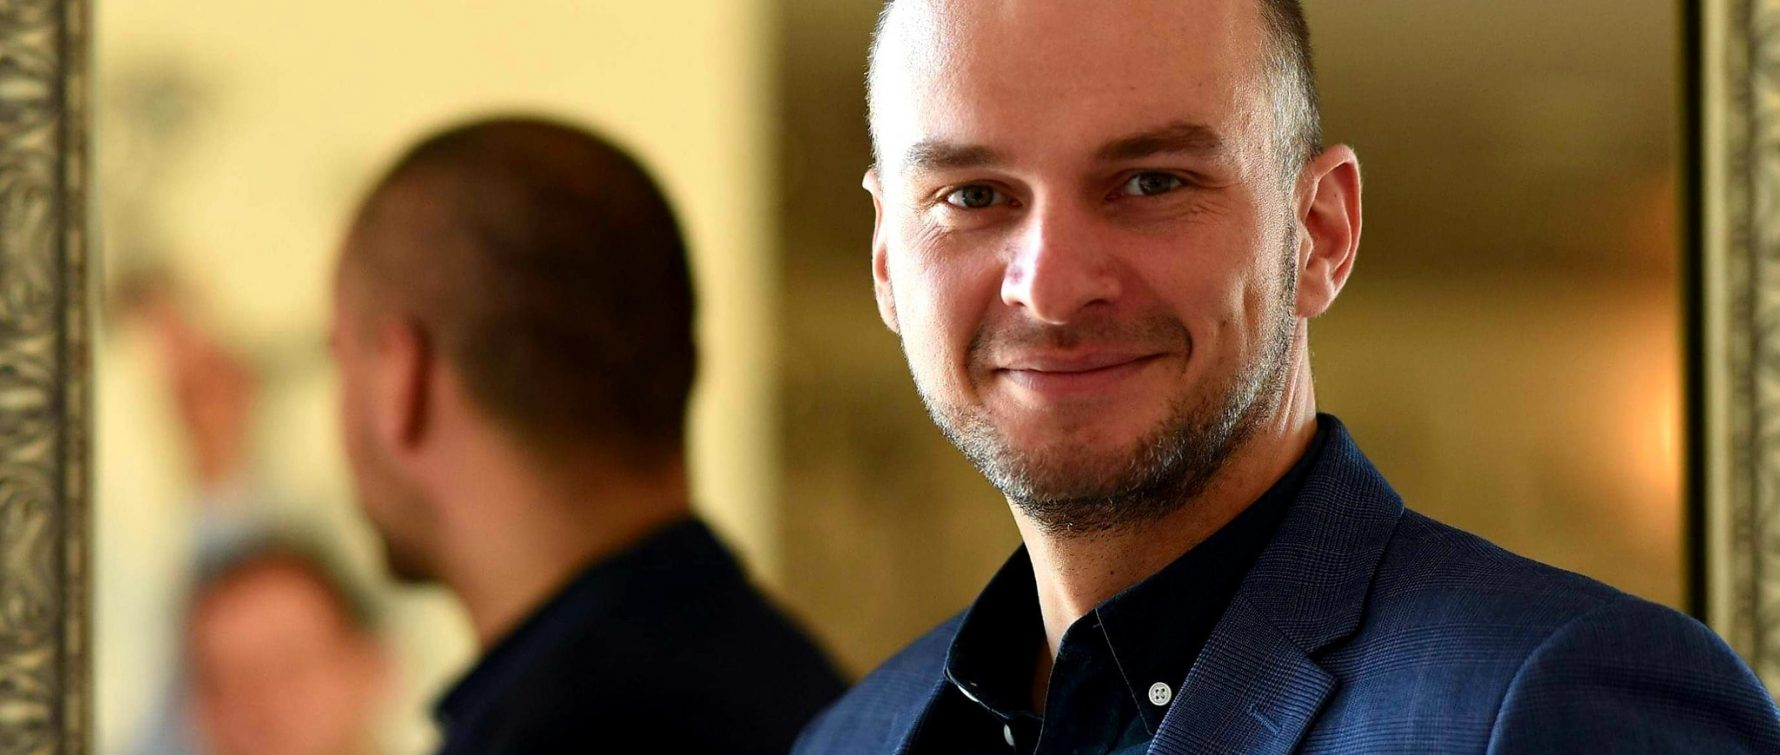 """Tânărul consultant politic Andrei Cazacu, pe lista PNL Iași la Senat: """"Acum 13 ani am ales să ies din zona de confort și să lupt pentru ceea ce cred"""""""